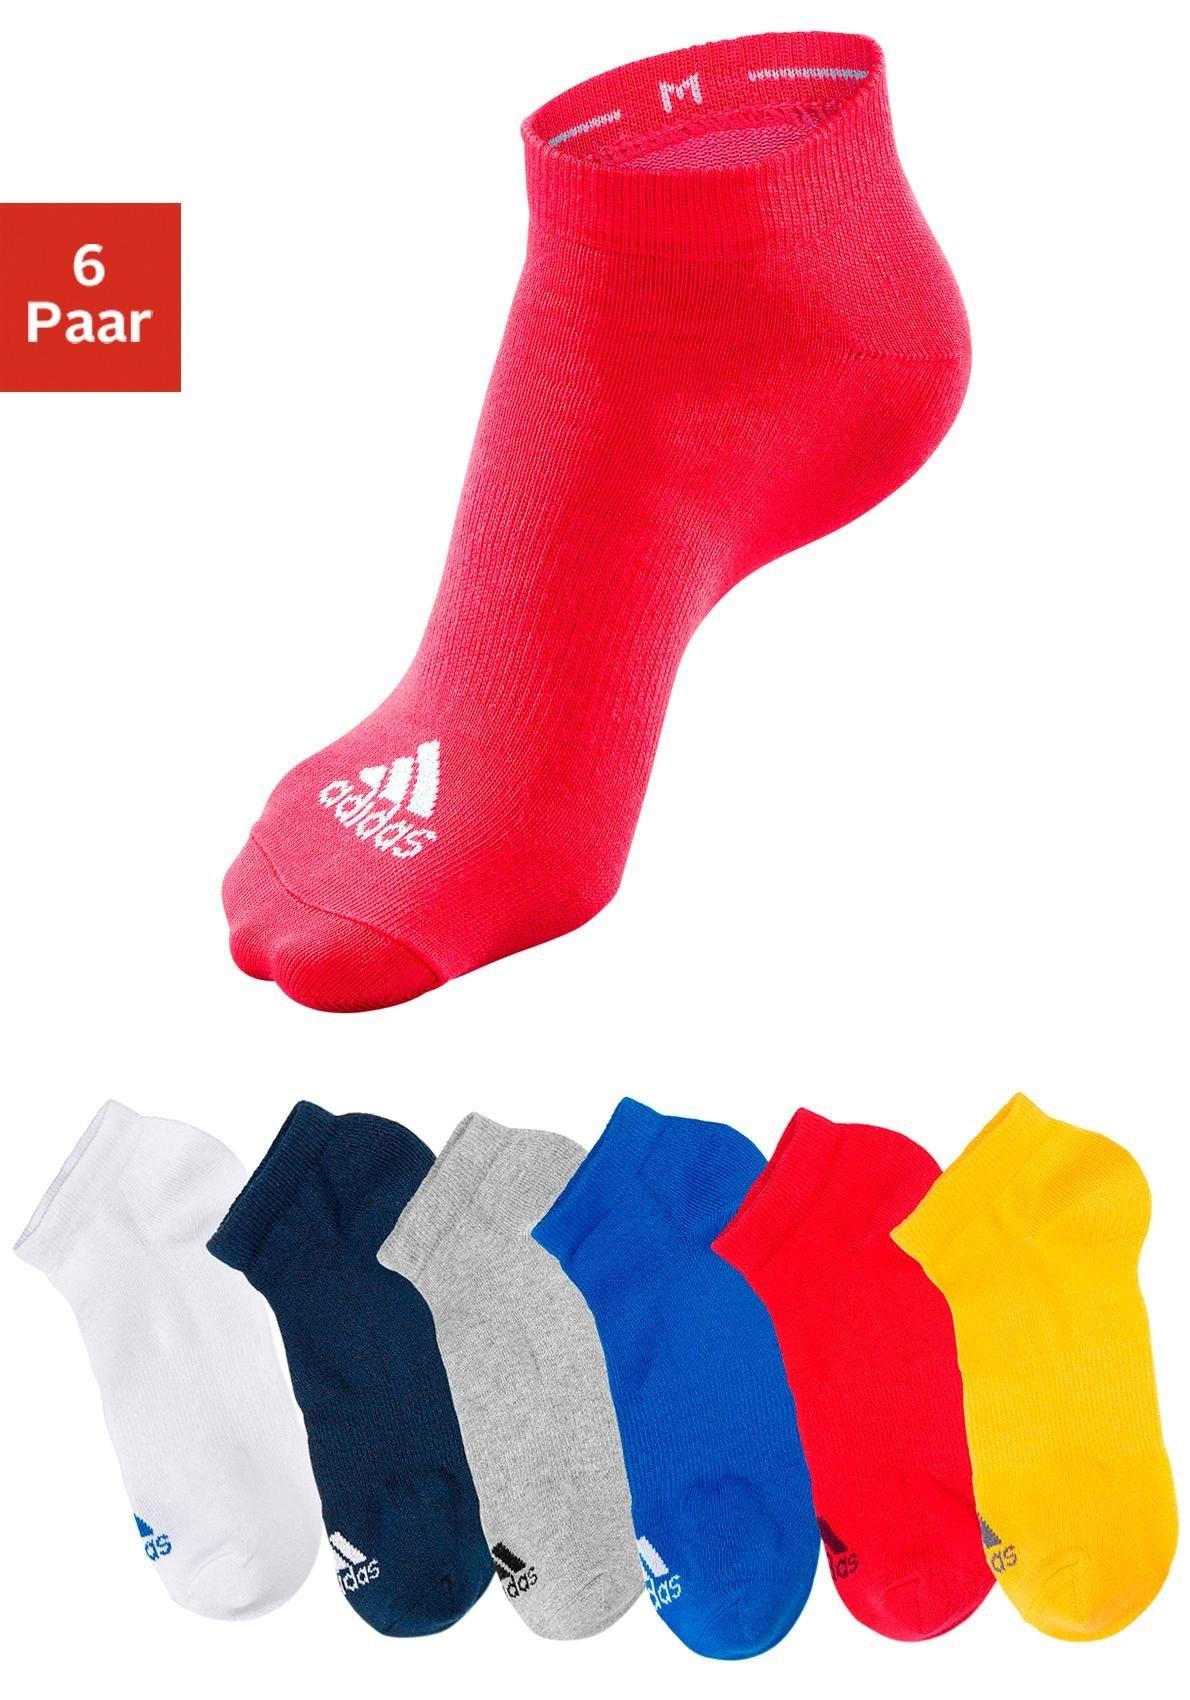 adidas Performance sneakersokken (set van 6 paar) online kopen op lascana.nl